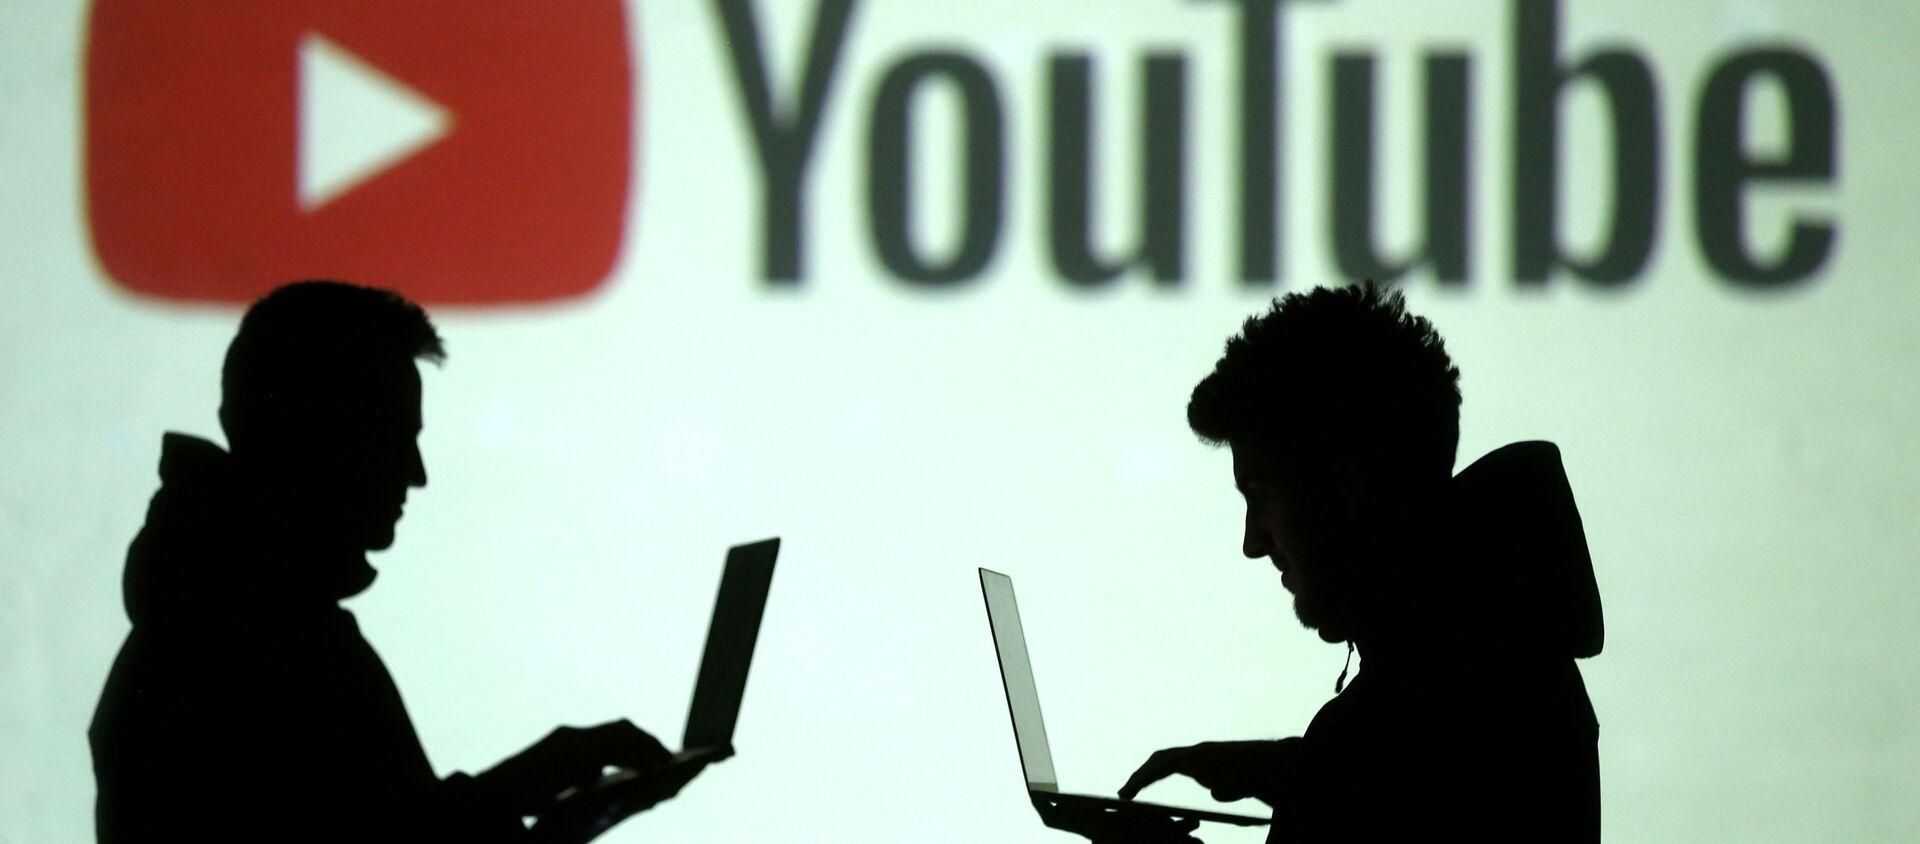 Силуэты интернет-пользователей на фоне логотипа YouTube - Sputnik Việt Nam, 1920, 11.06.2021